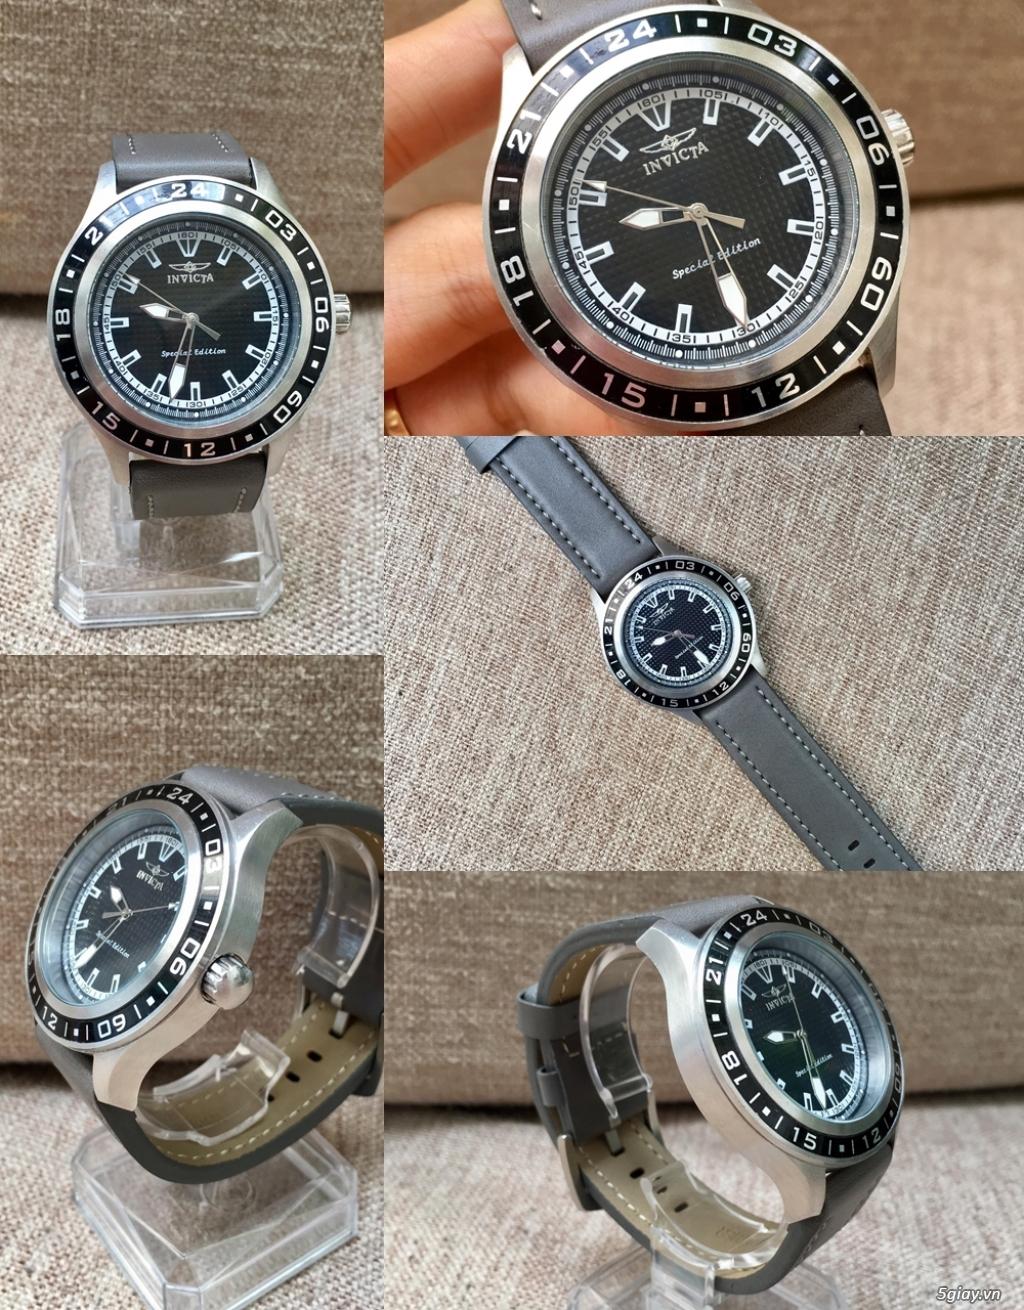 Kho đồng hồ xách tay chính hãng secondhand update liên tục - 40